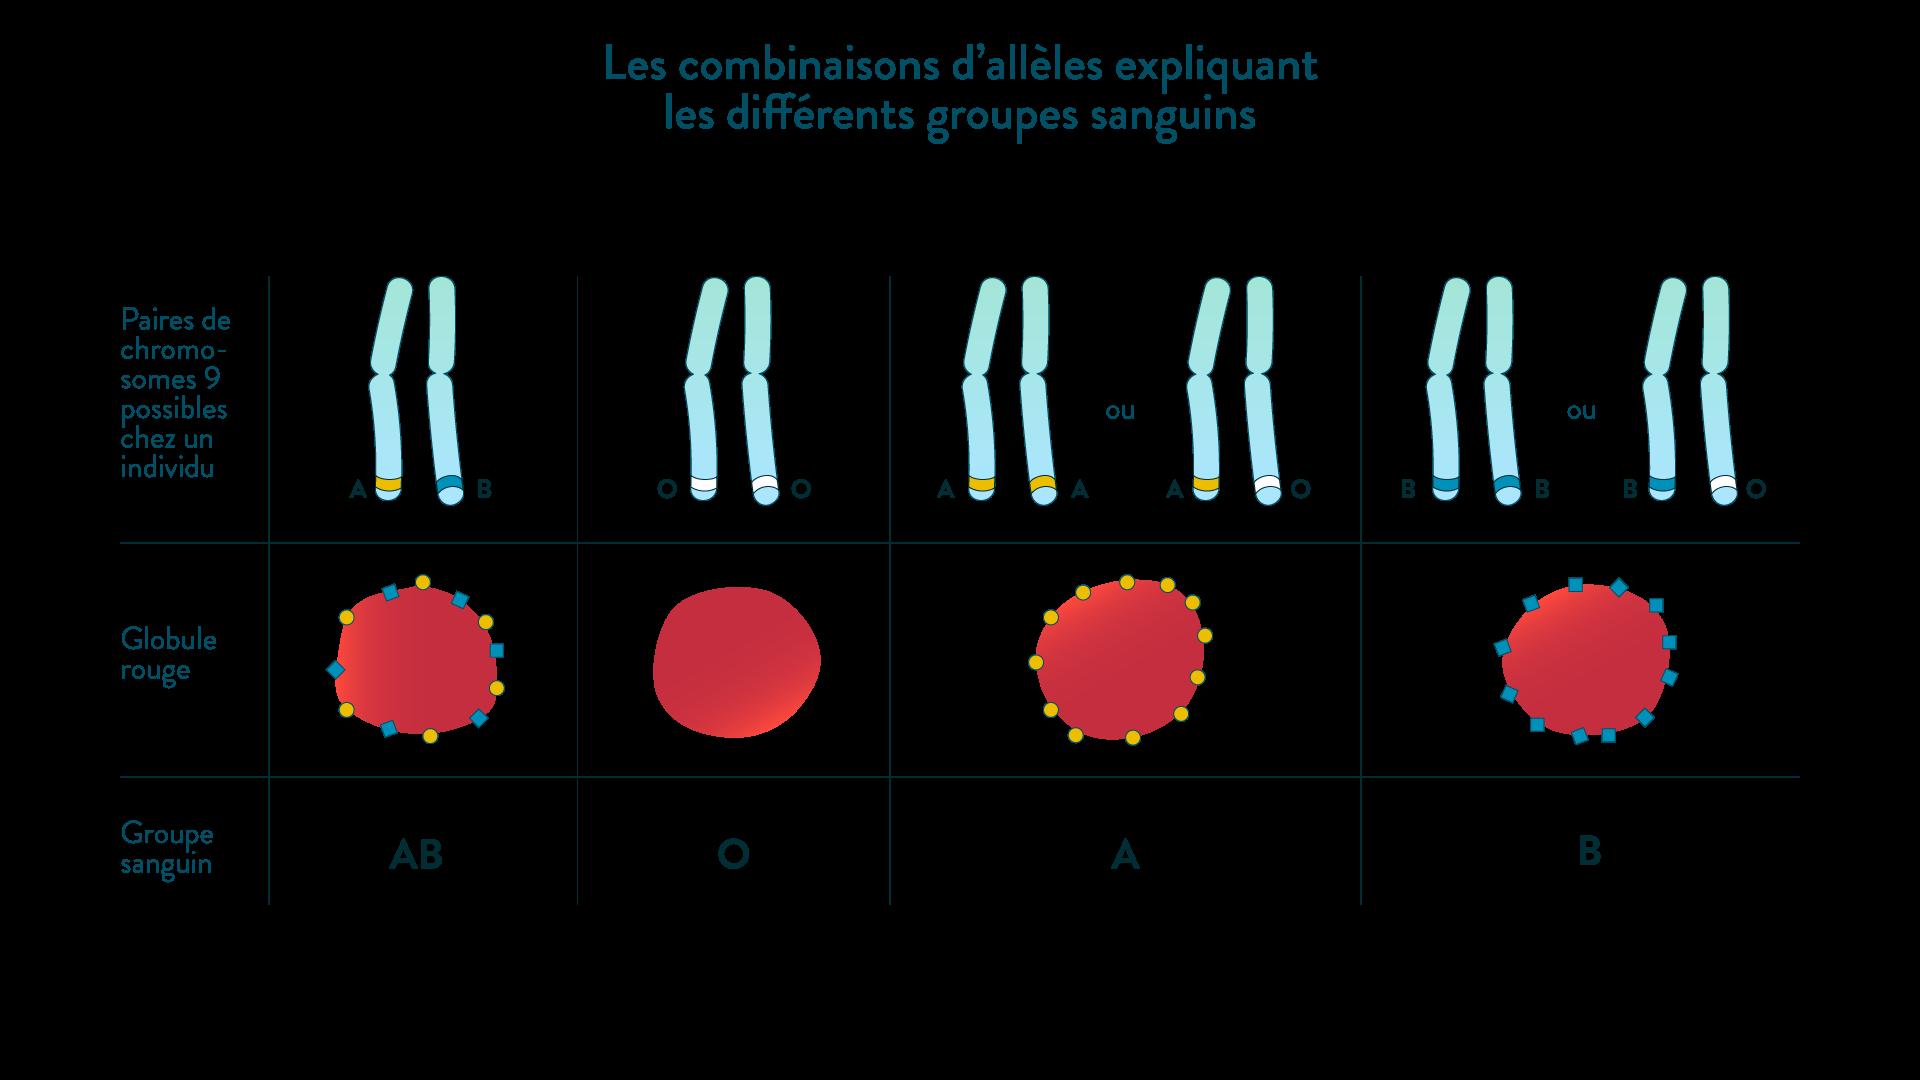 Les allèles du groupe sanguin expliquent les différents groupes sanguins existant.